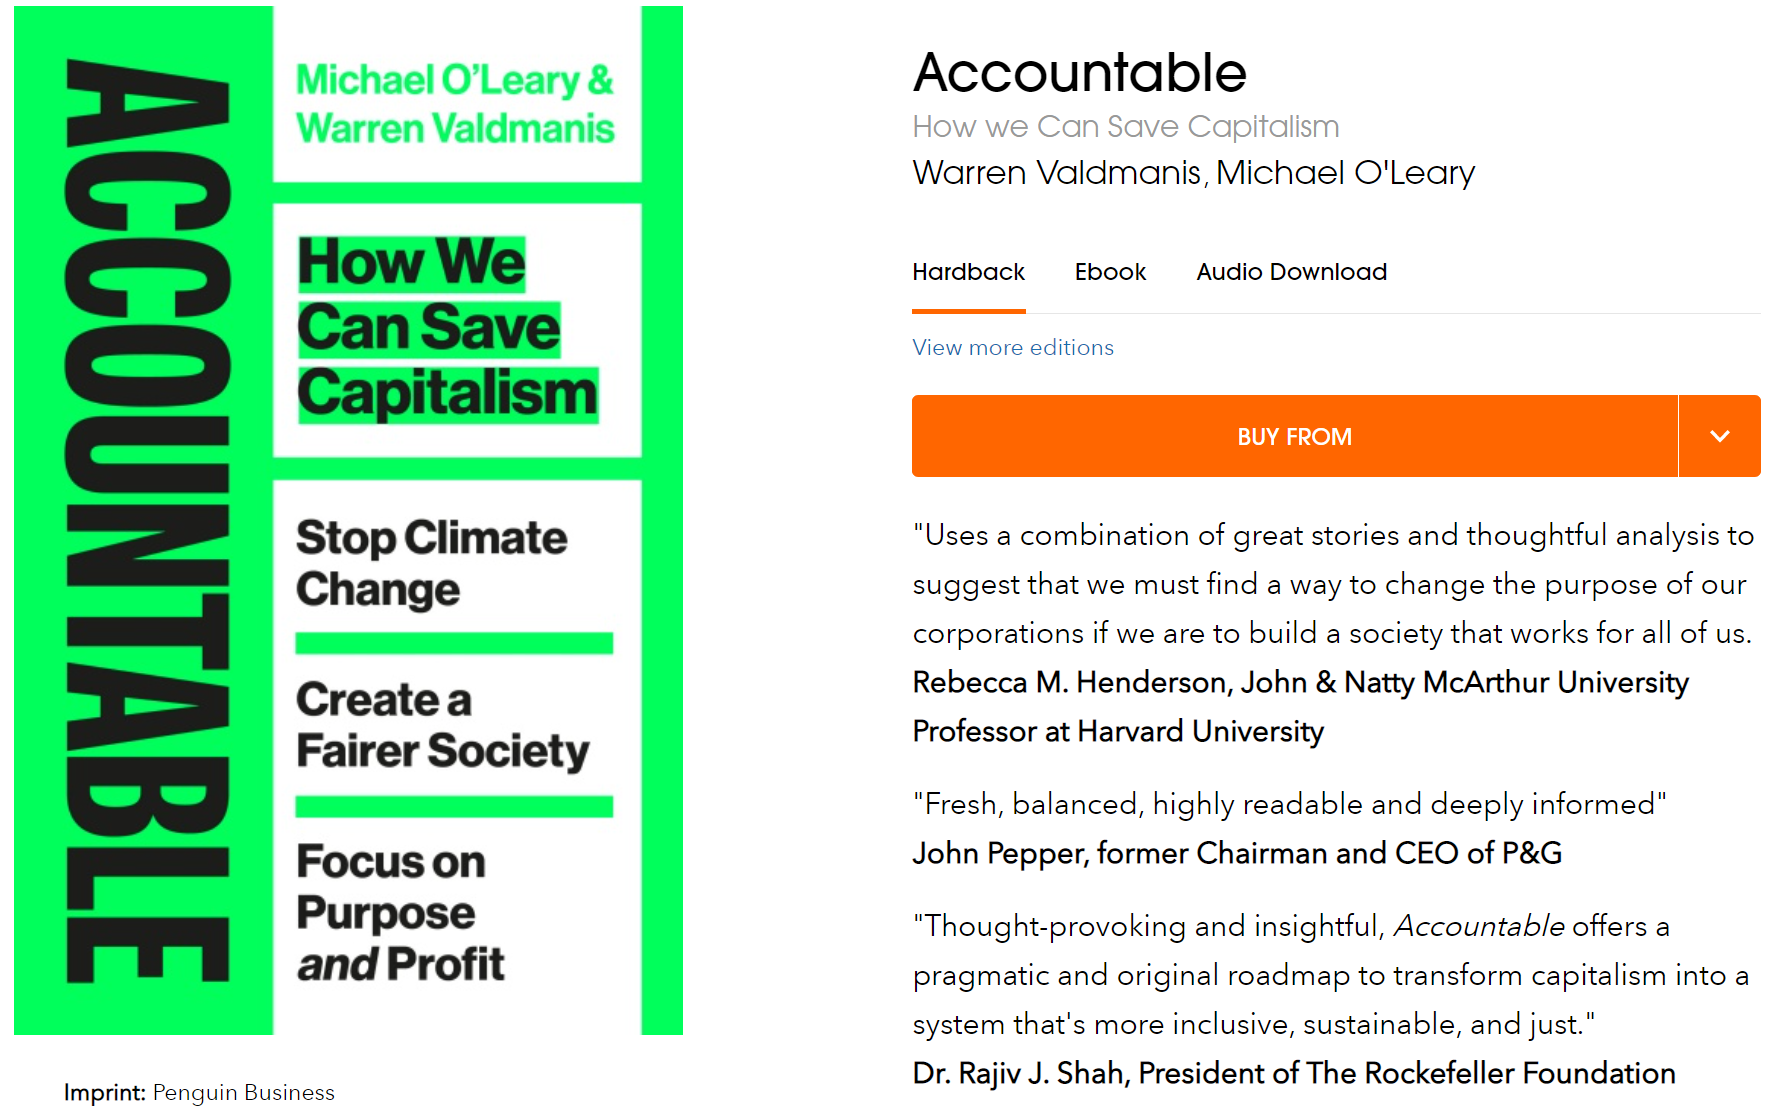 책임감 우리가 자본주의를 구할 수있는 방법 Warren Valdmanis Michael O'Leary